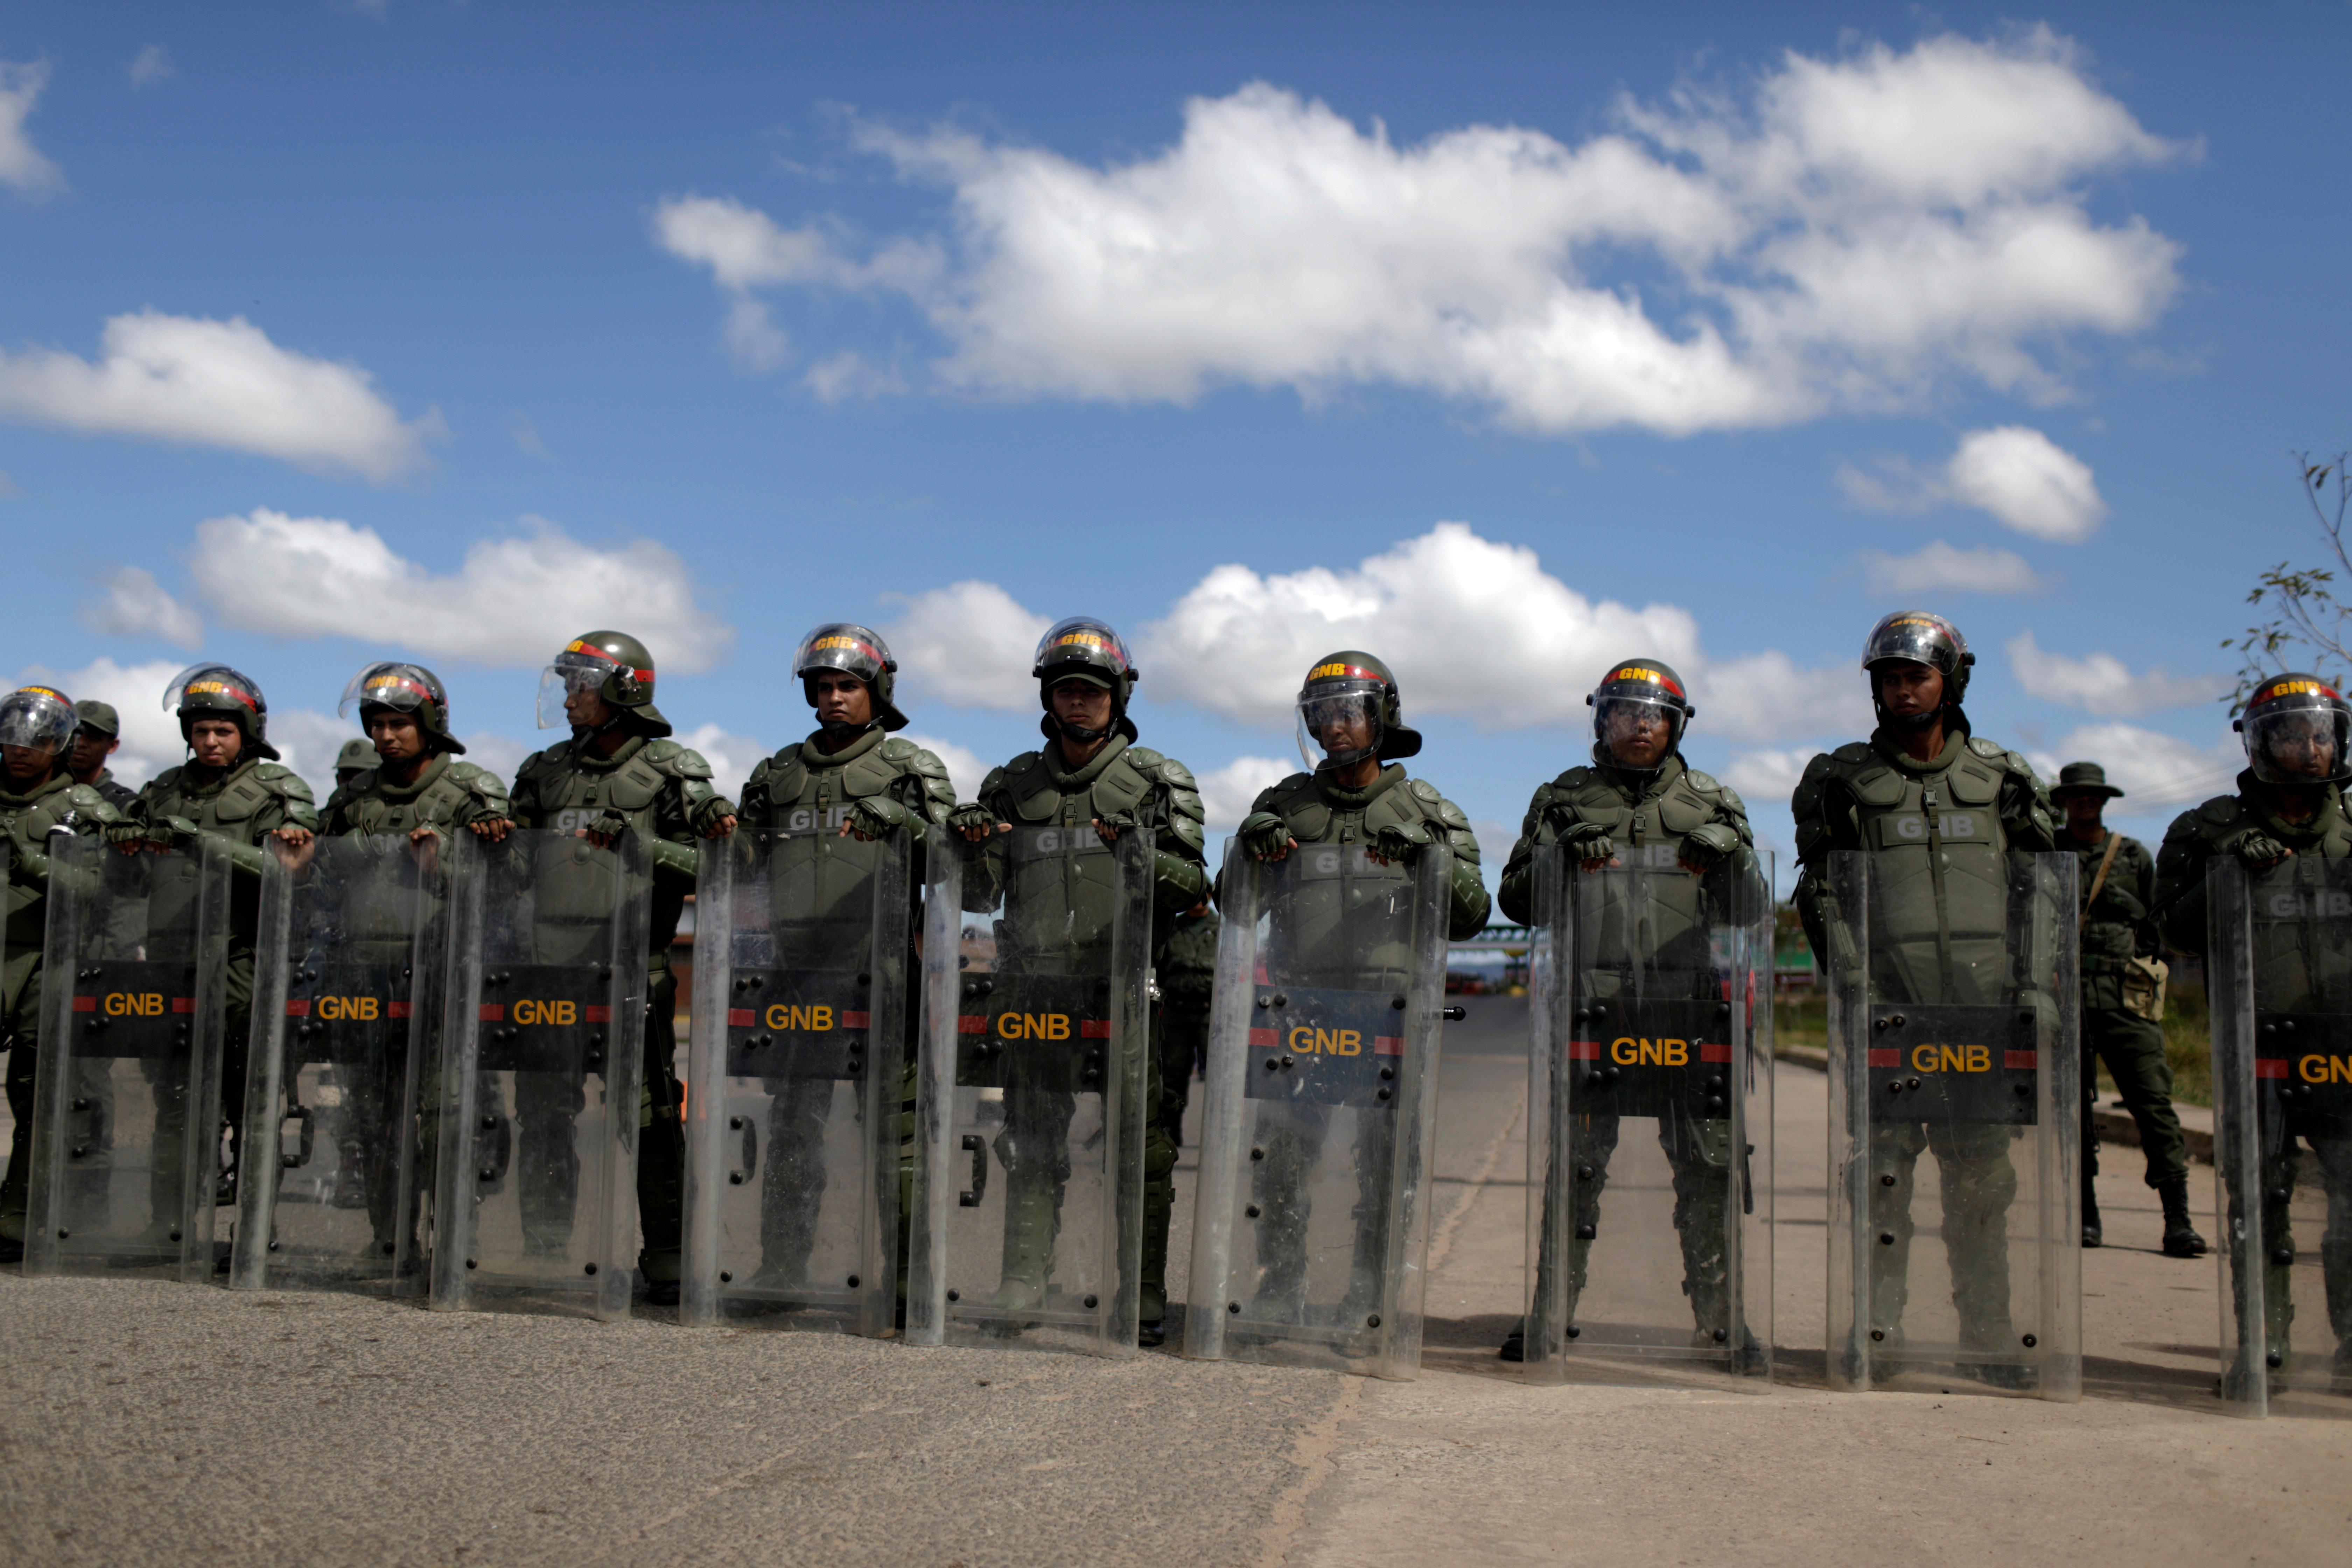 Crise na Venezuela: Ação militar perto da fronteira com Brasil deixa 2 mortos e 12